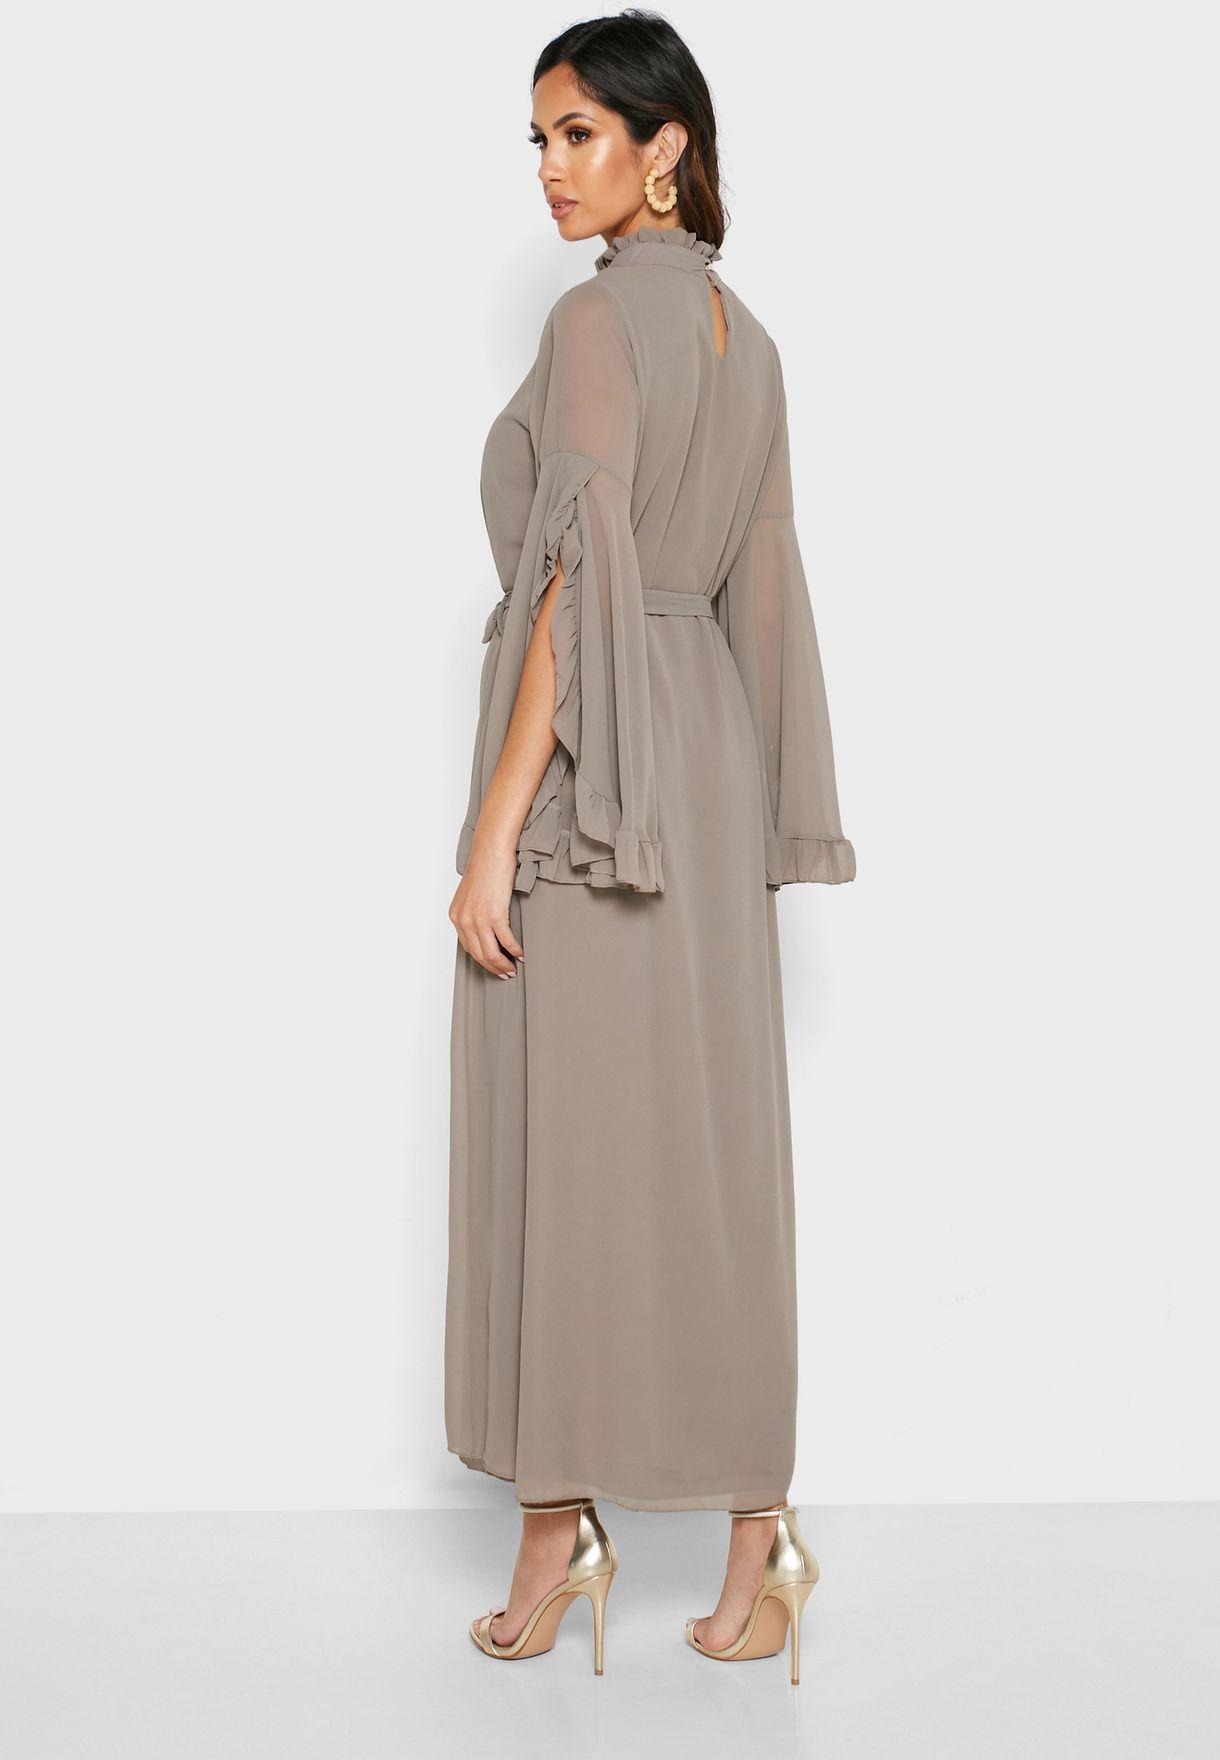 High Neck Tie Waist Ruffle Detail Dress